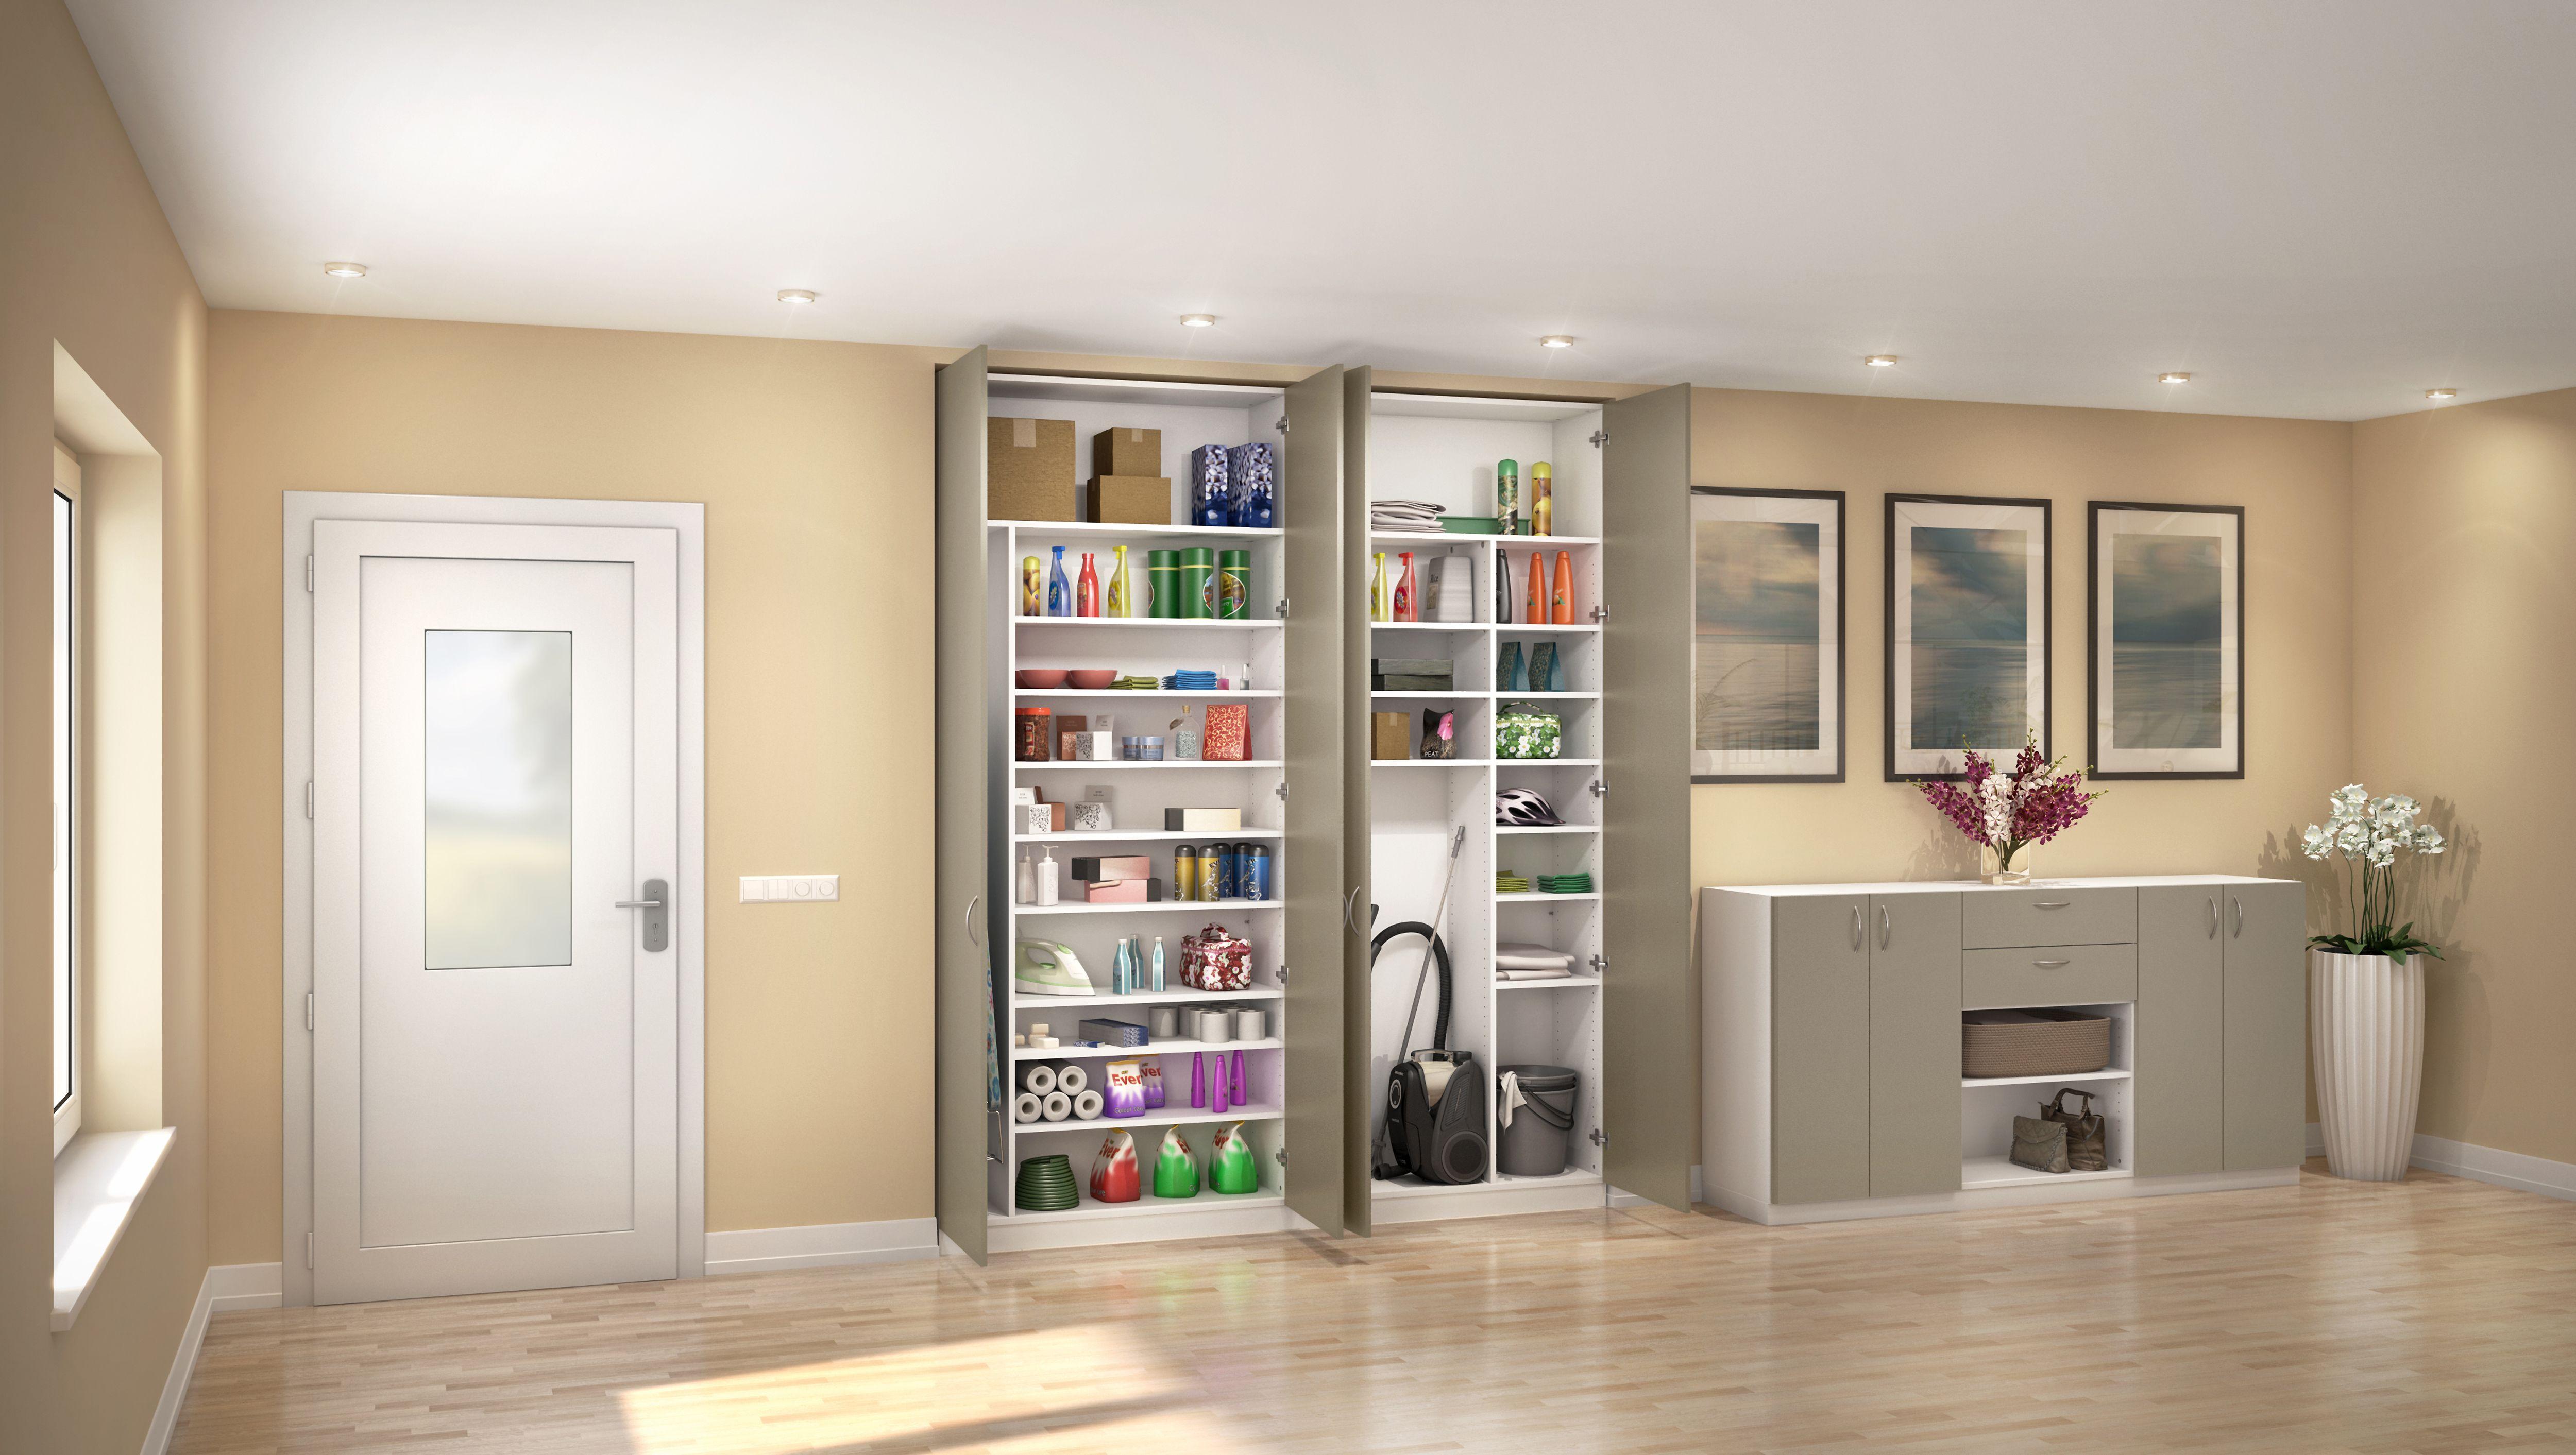 ecken und nischen lassen sich perfekt nutzen um. Black Bedroom Furniture Sets. Home Design Ideas